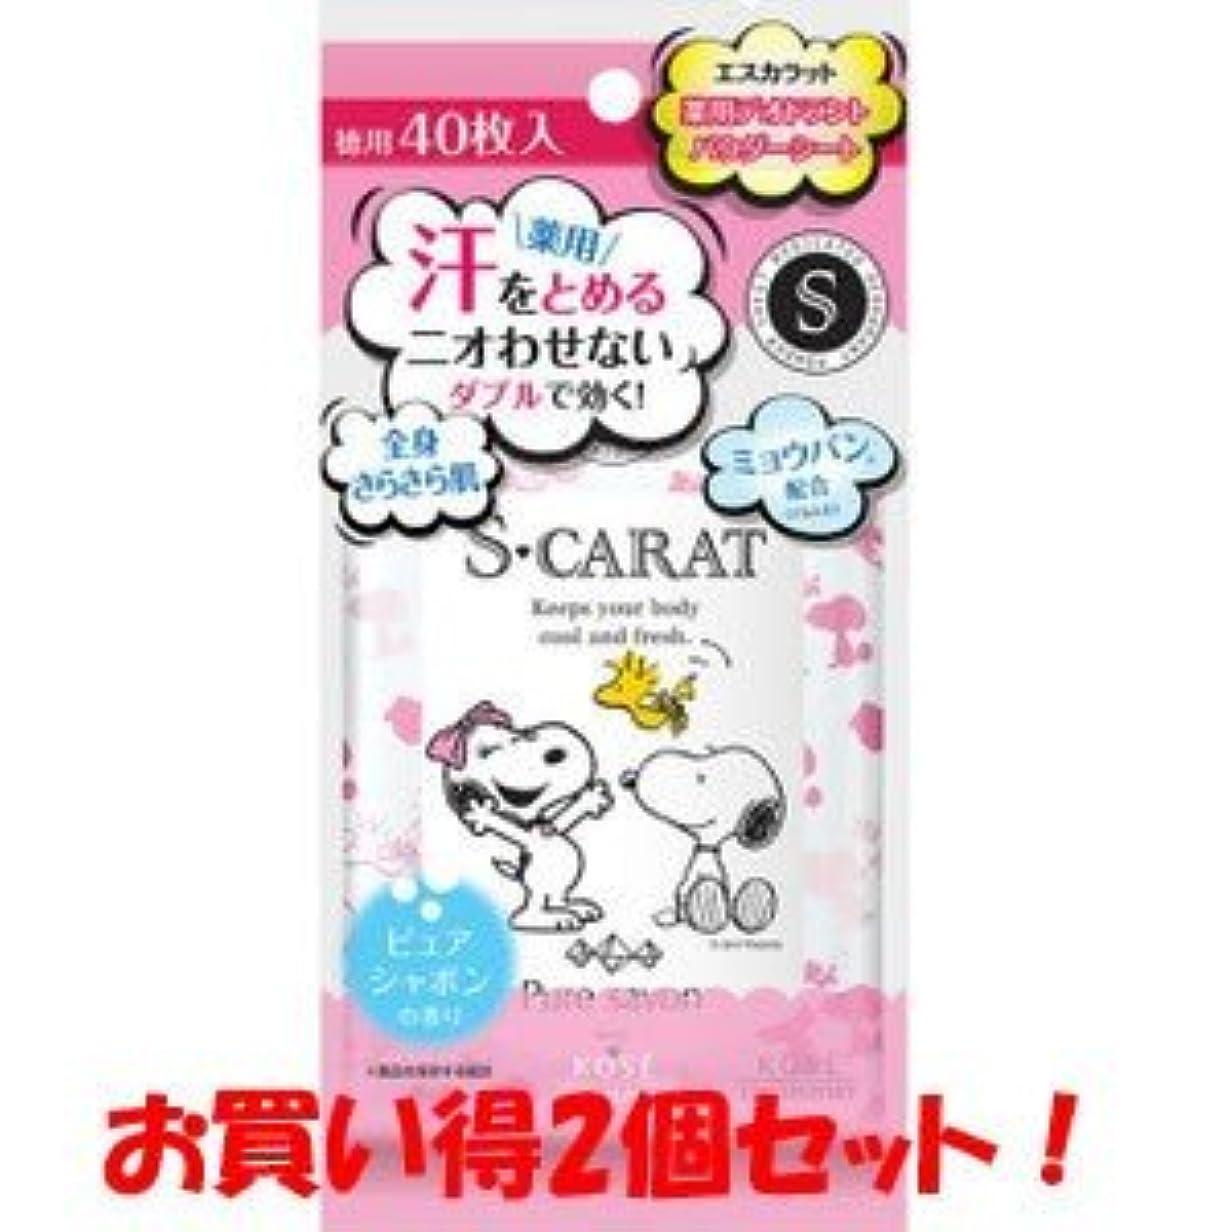 (コーセー)エスカラット 薬用 デオドラント パウダーシート ピュアシャボンの香り 40枚入(医薬部外品)(お買い得2個セット)